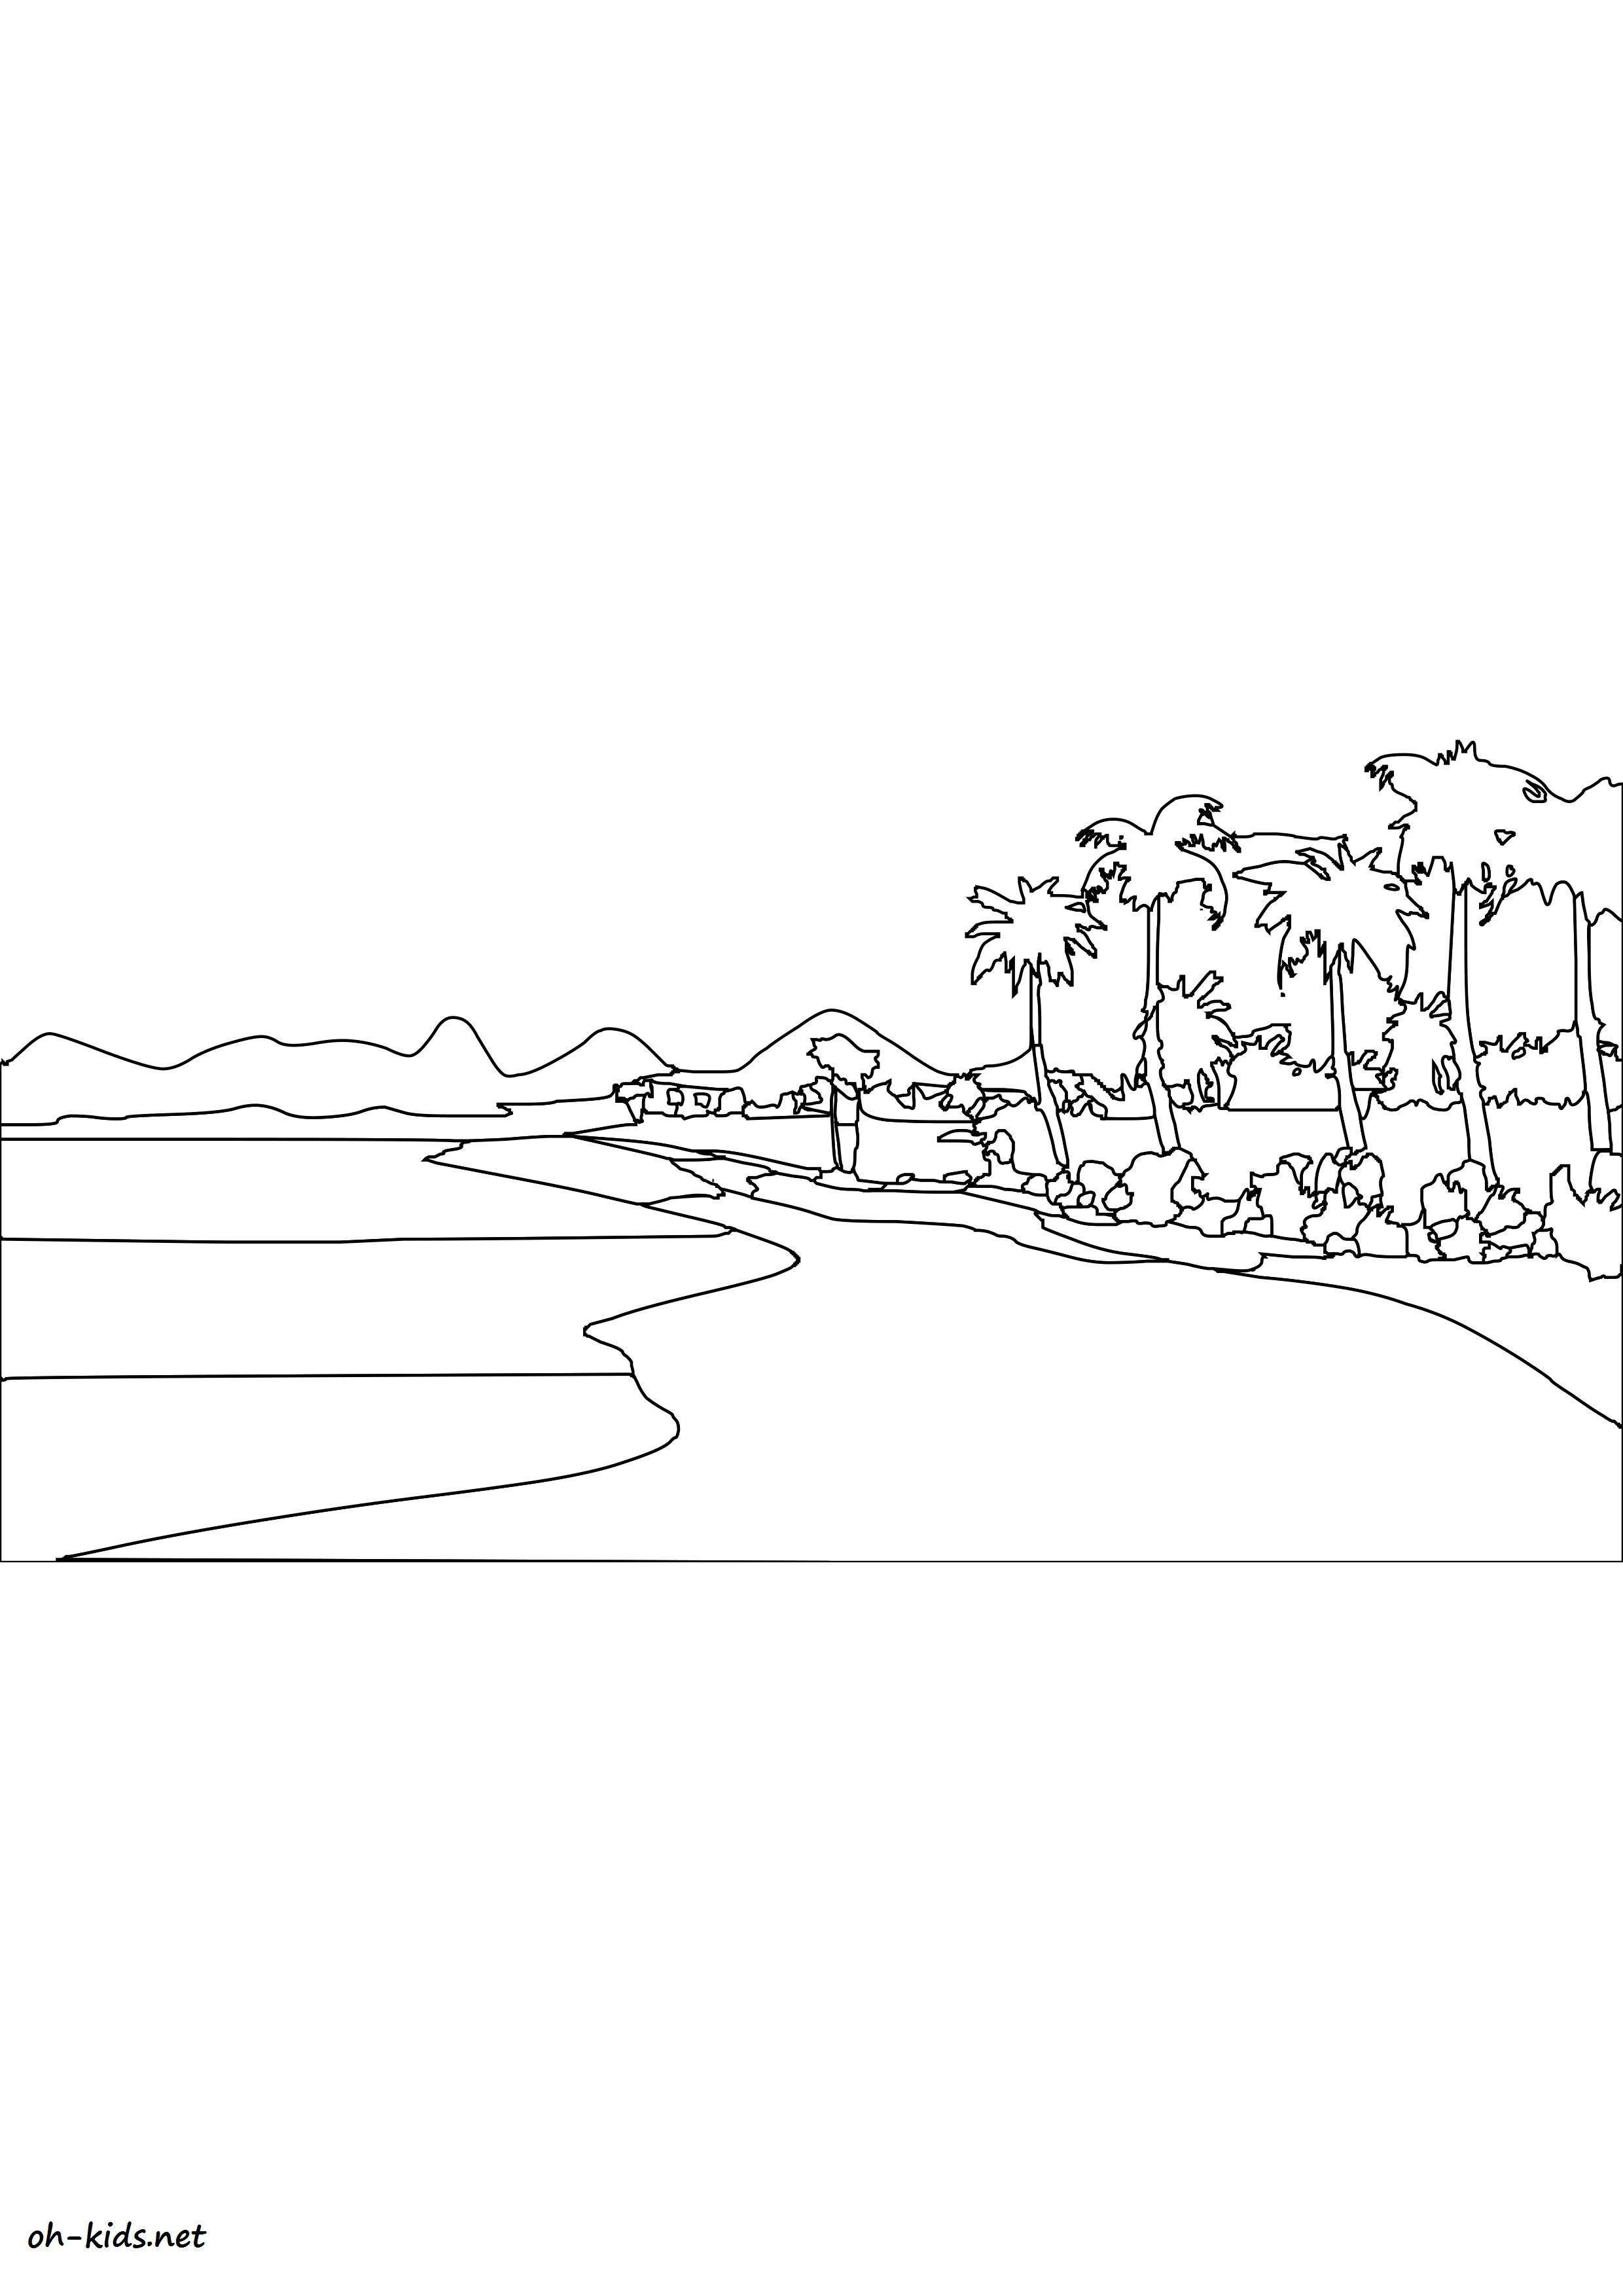 Un beau coloriage de plage à imprimer et colorier - Dessin #1462